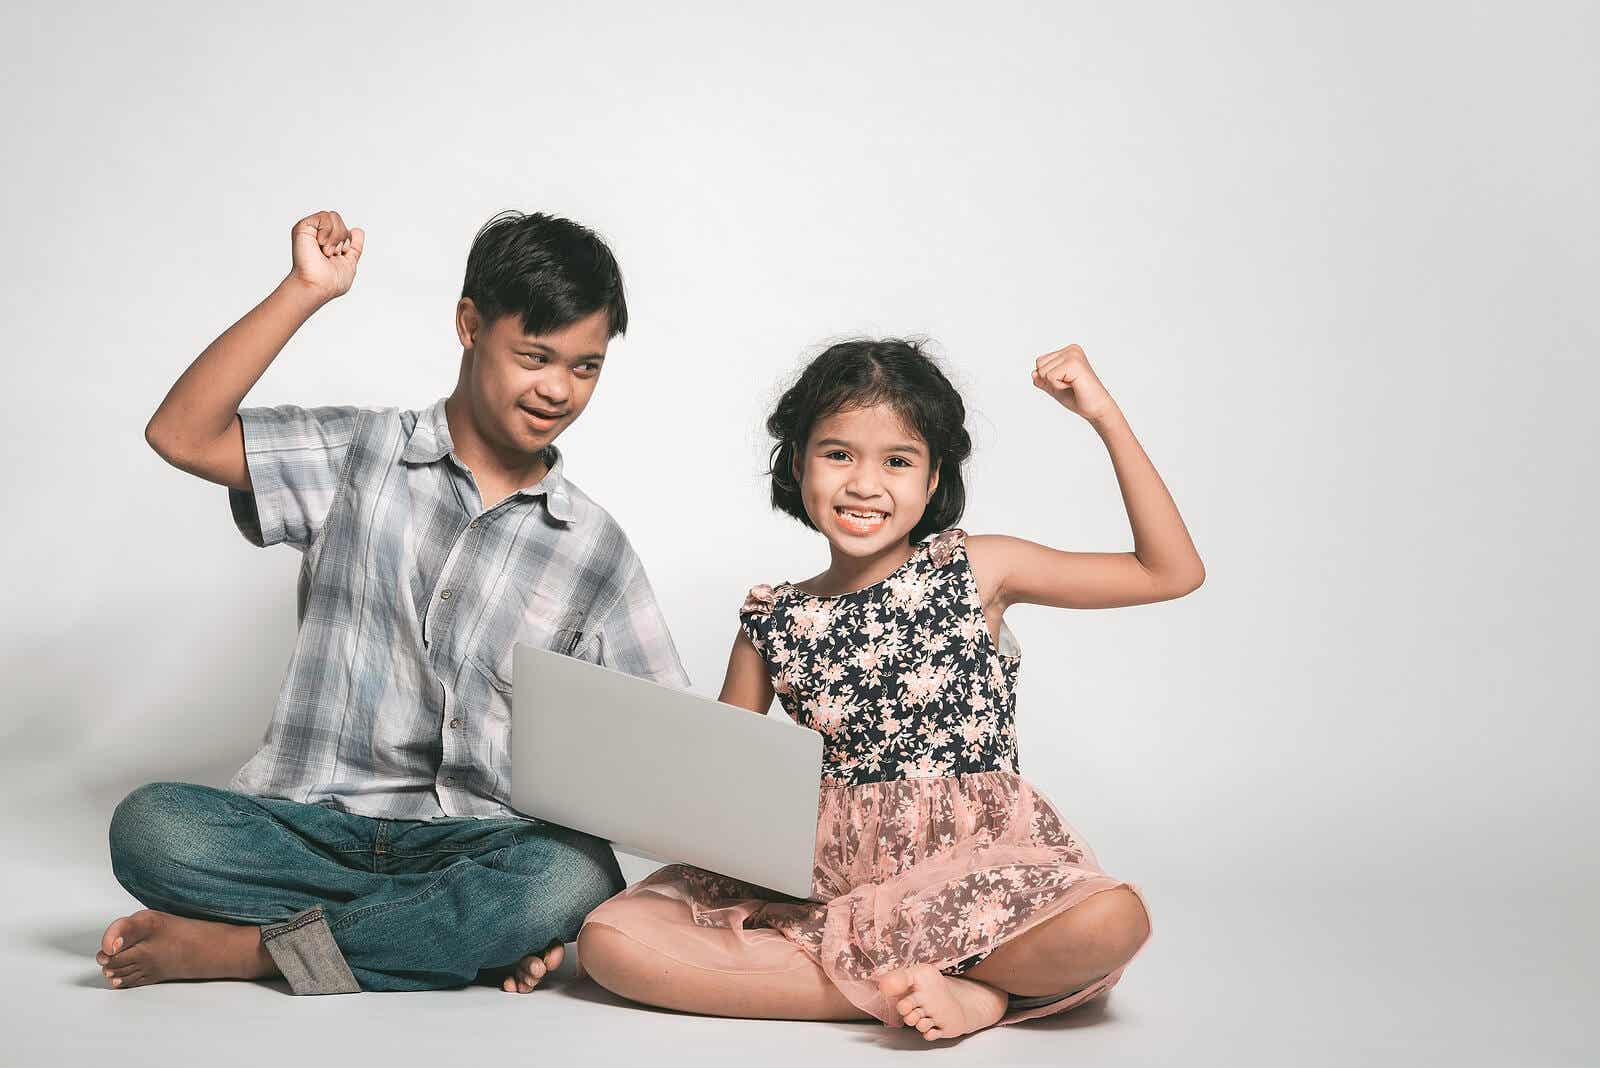 Dziecko z zespołem Downa i jego siostra